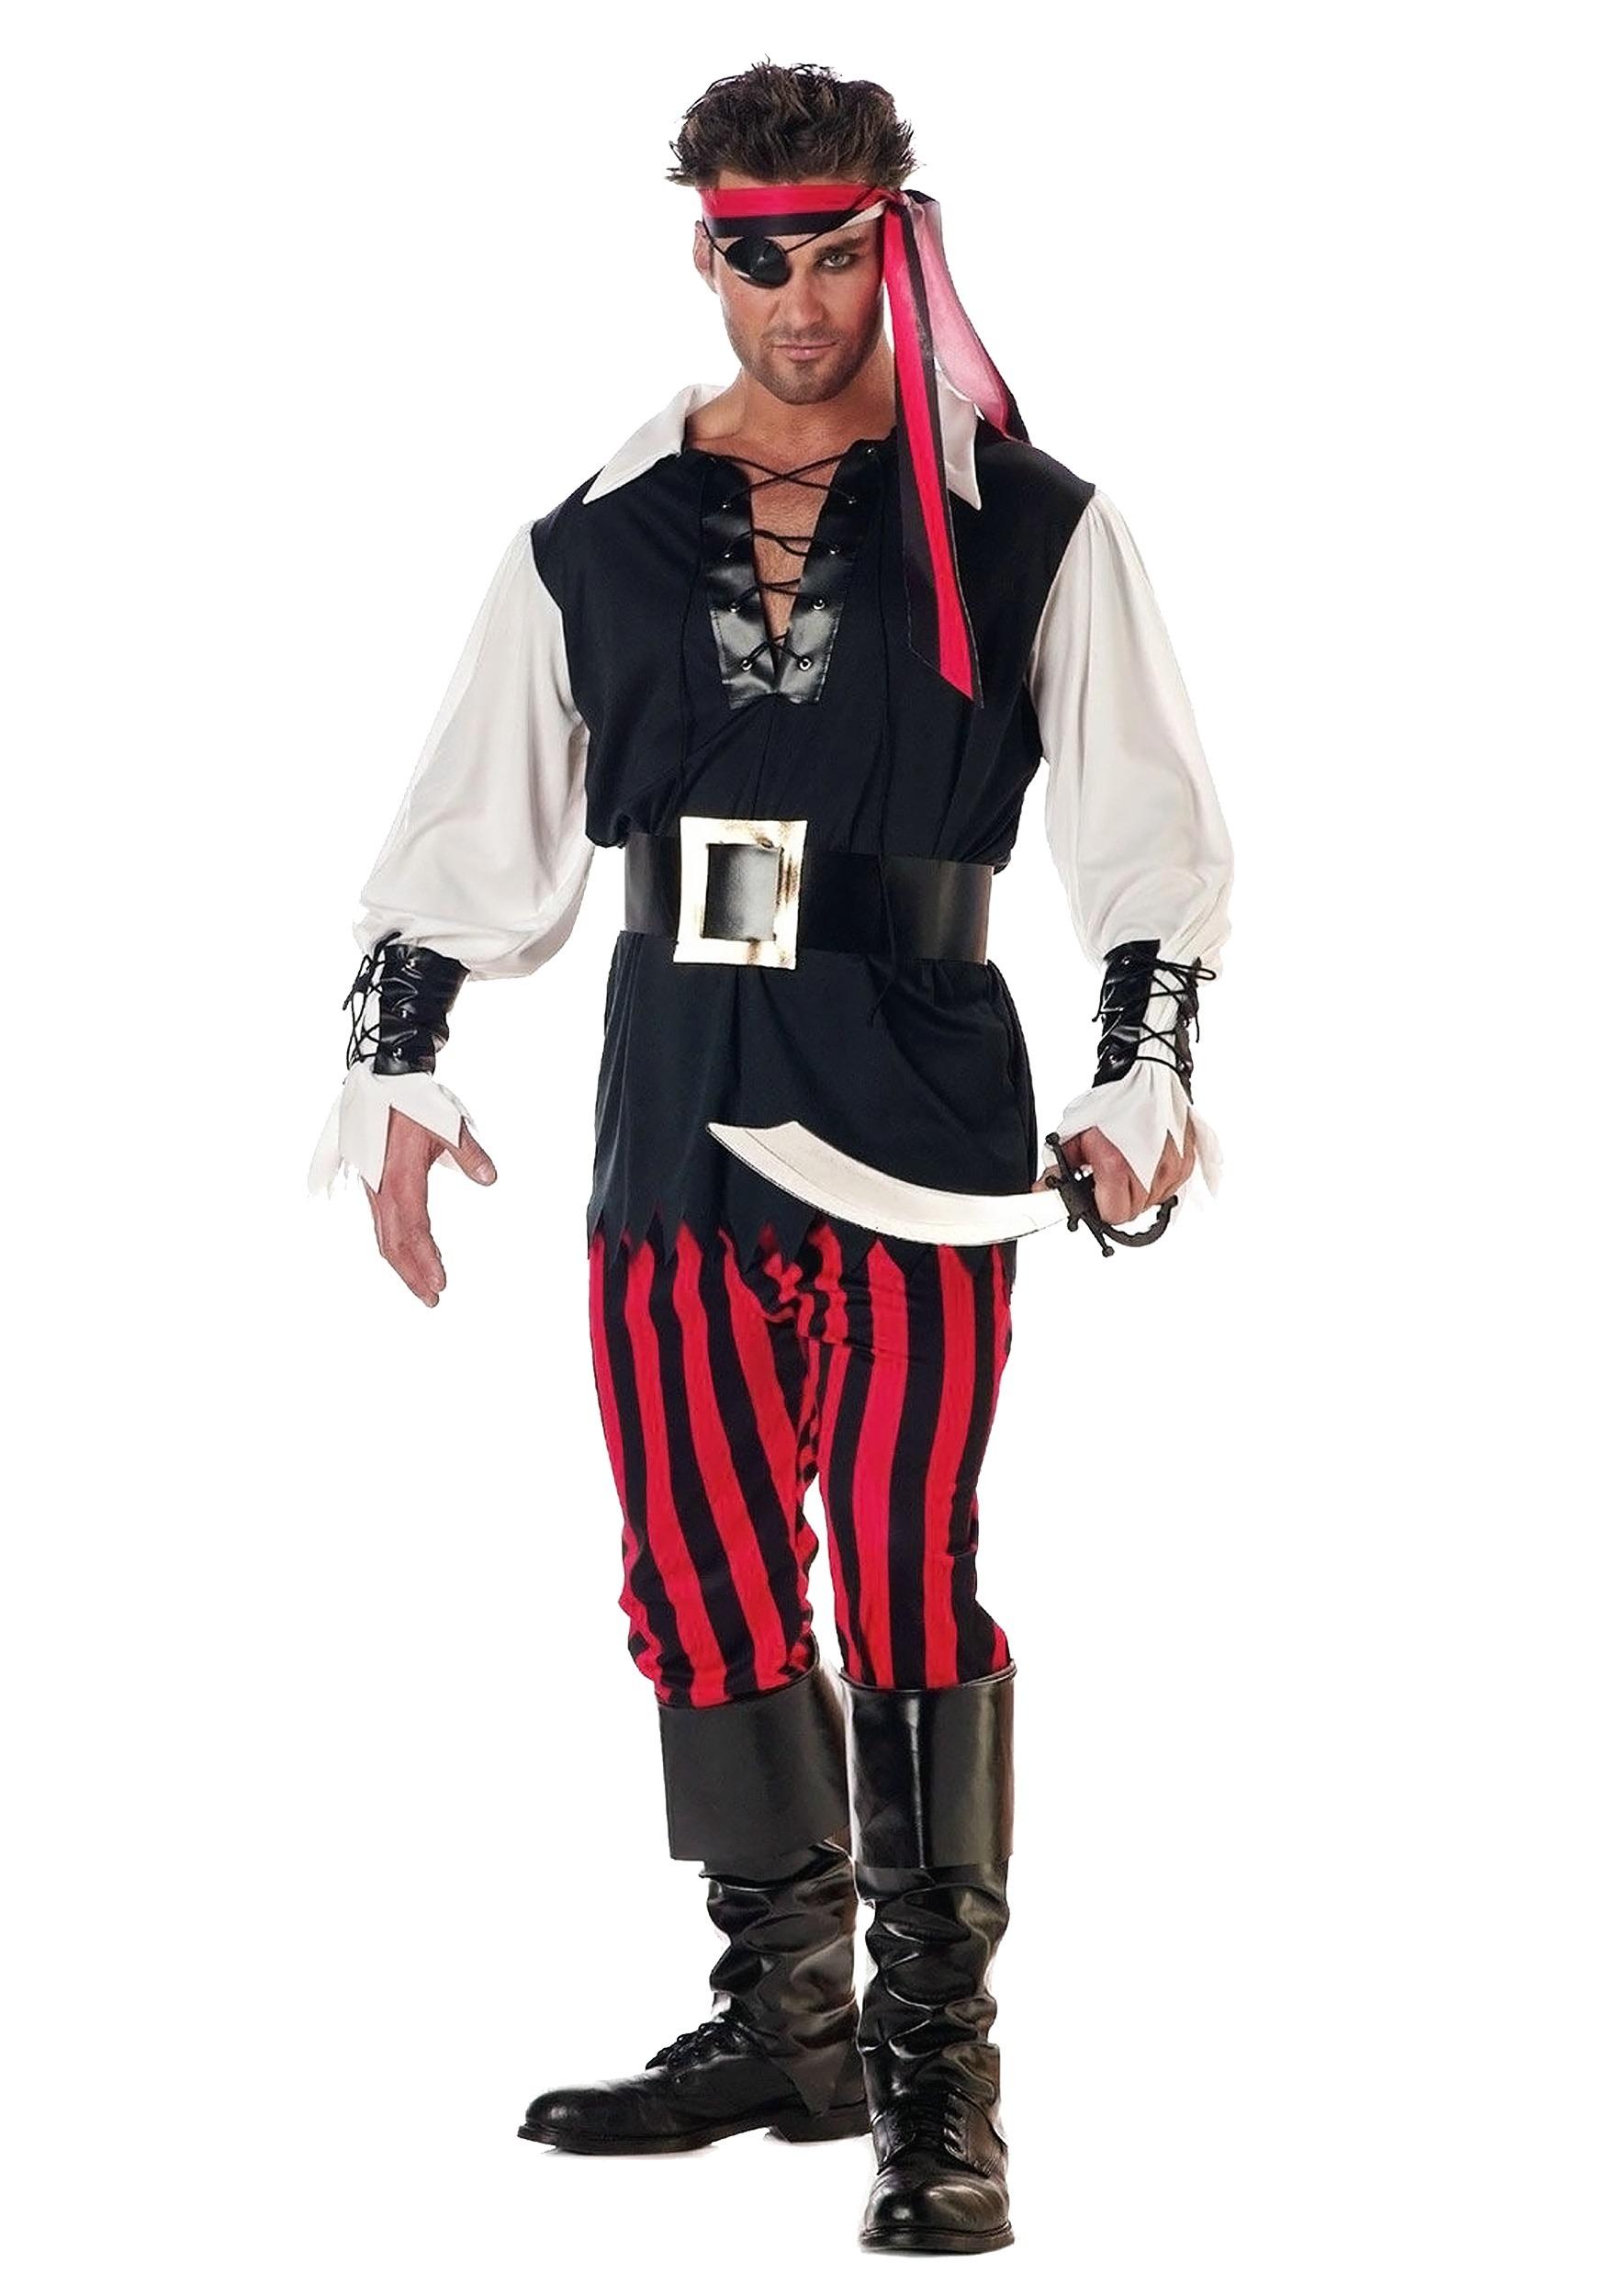 Cutthroat Pirate Costume for Men